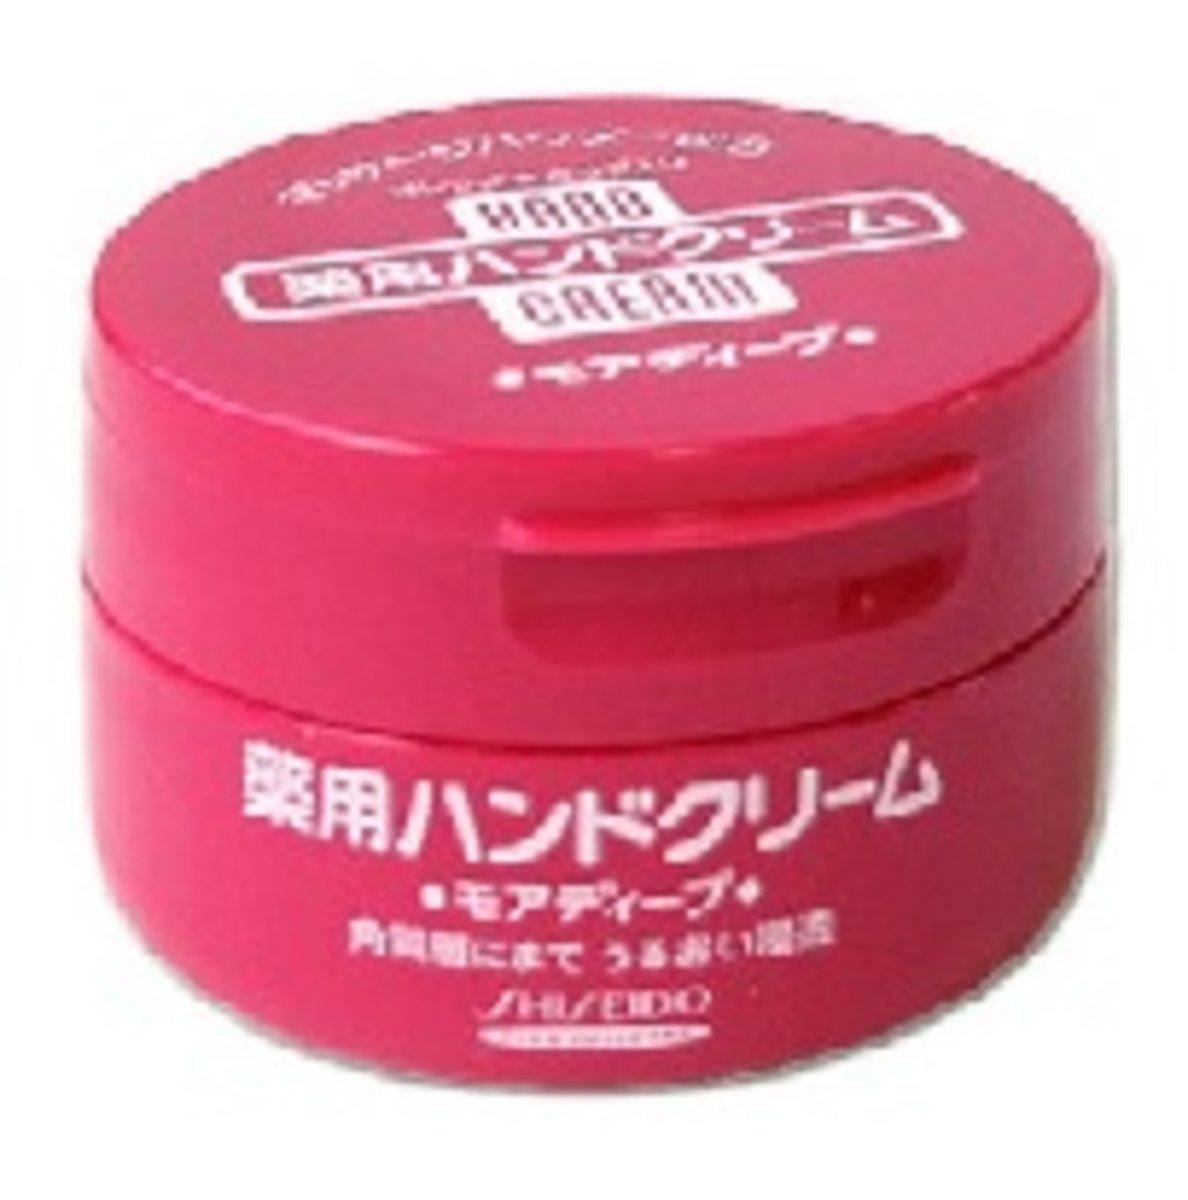 日本版 資生堂護手霜(藥用)100g(平行進口)